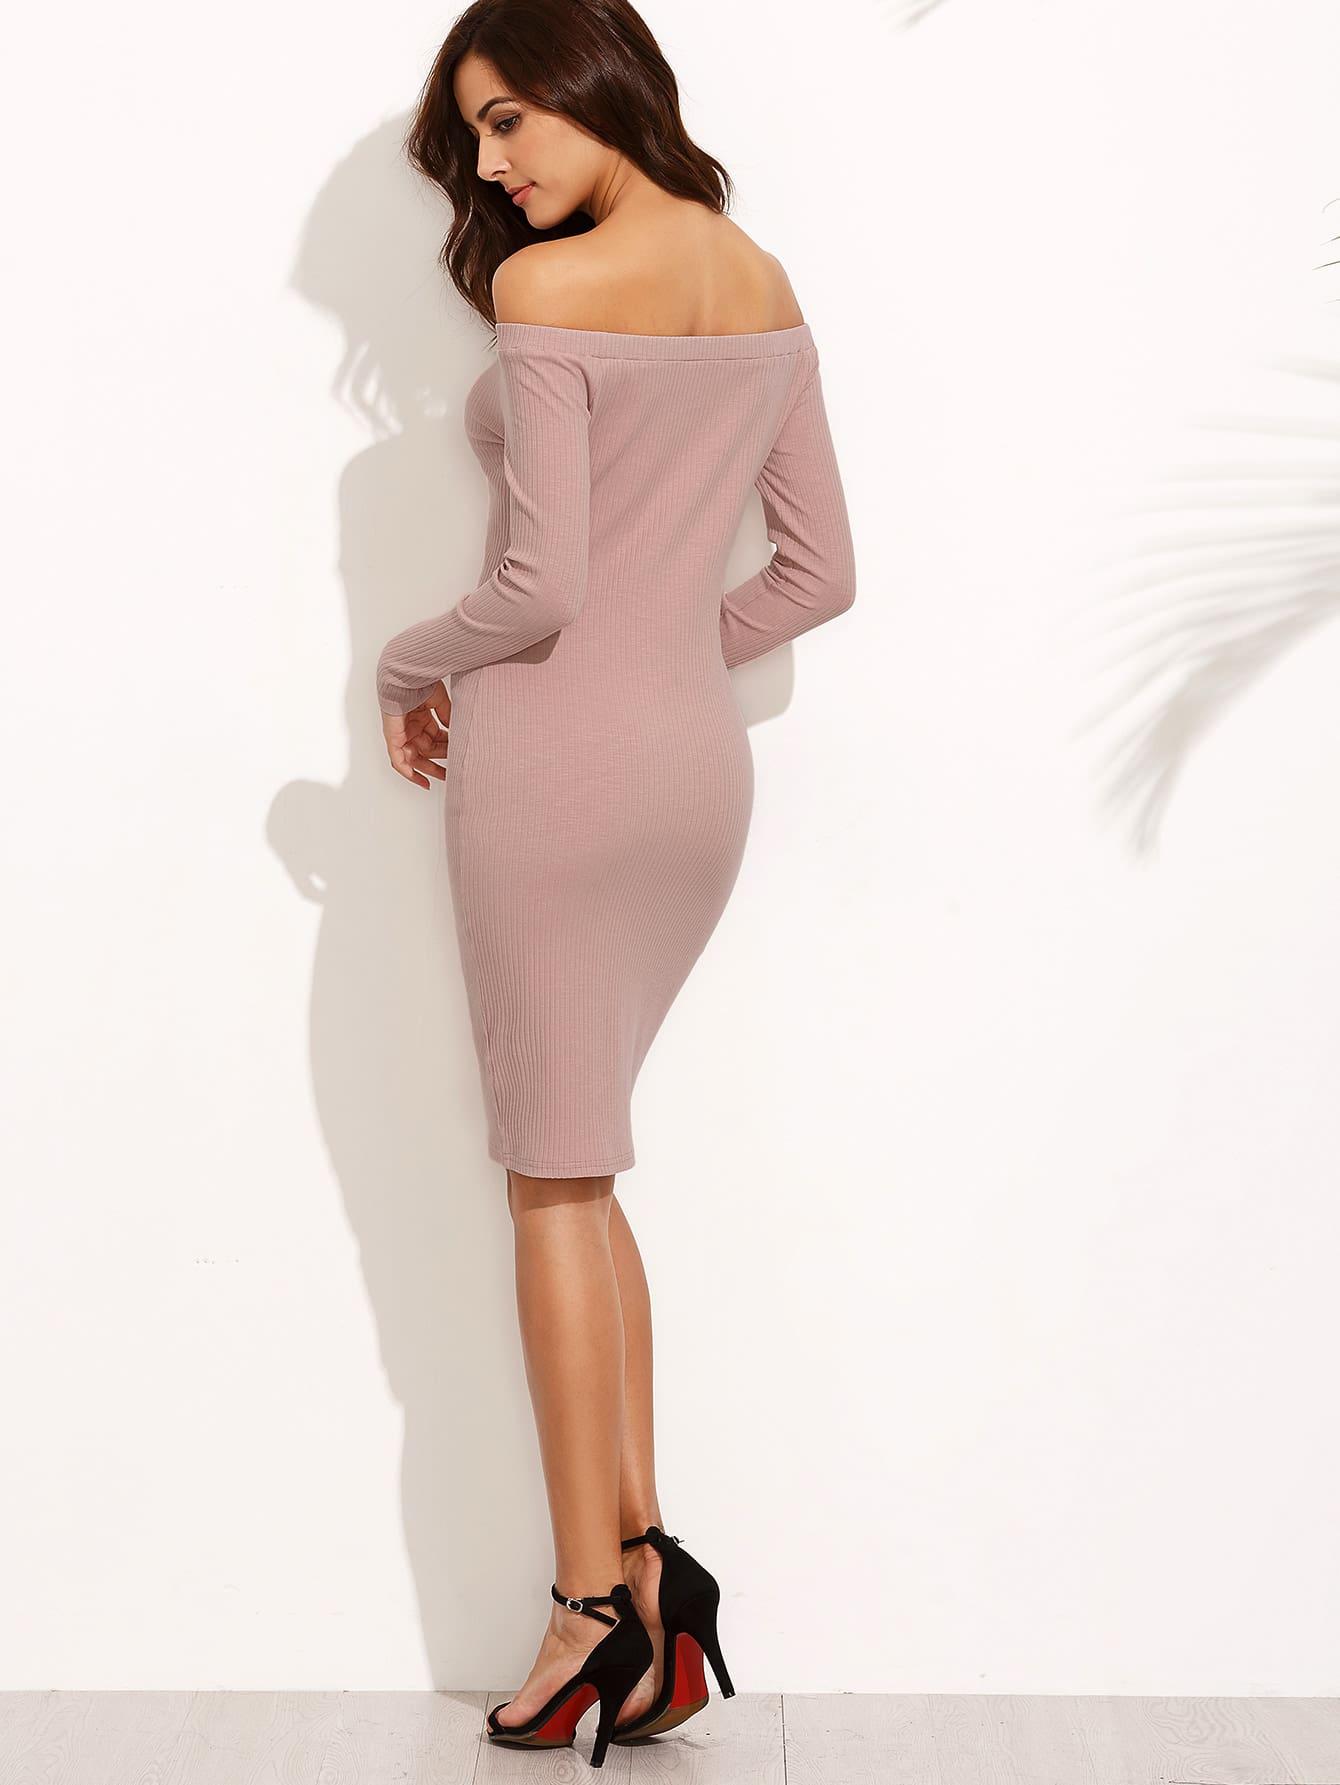 dress160727712_2